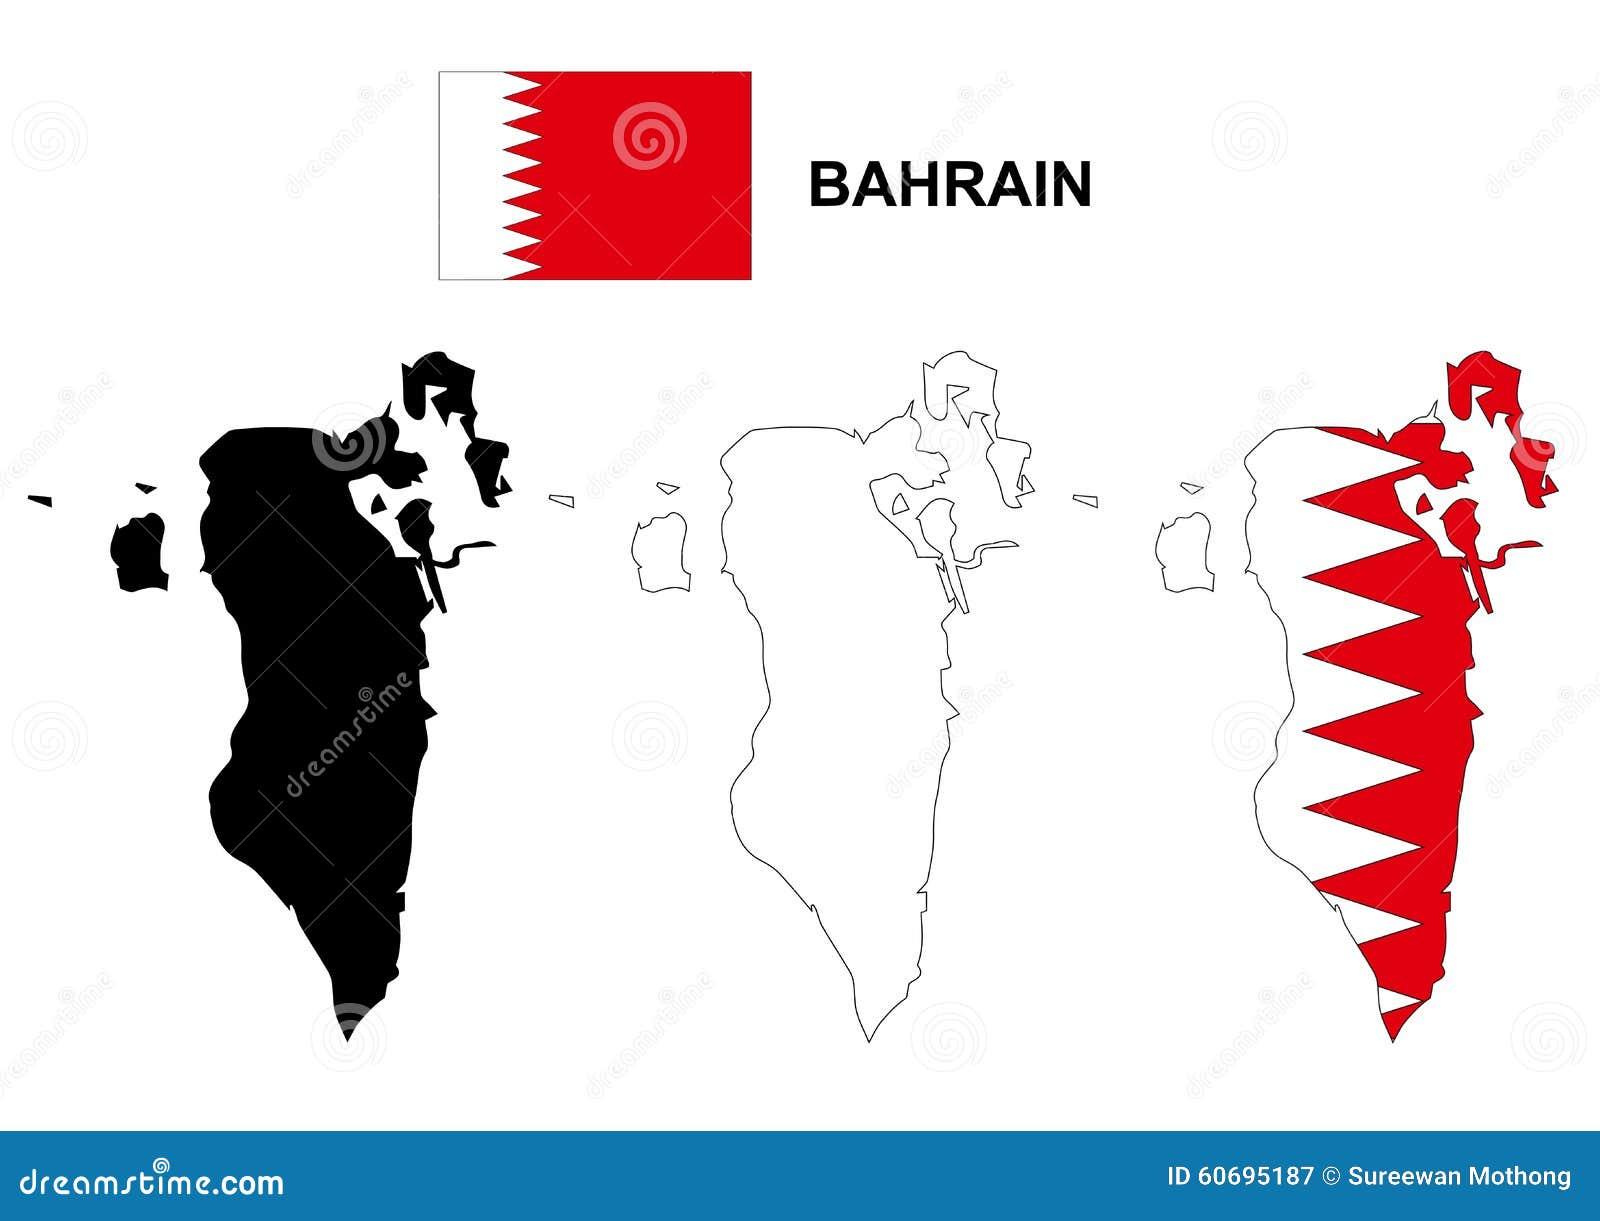 Bahrain Flag Photography